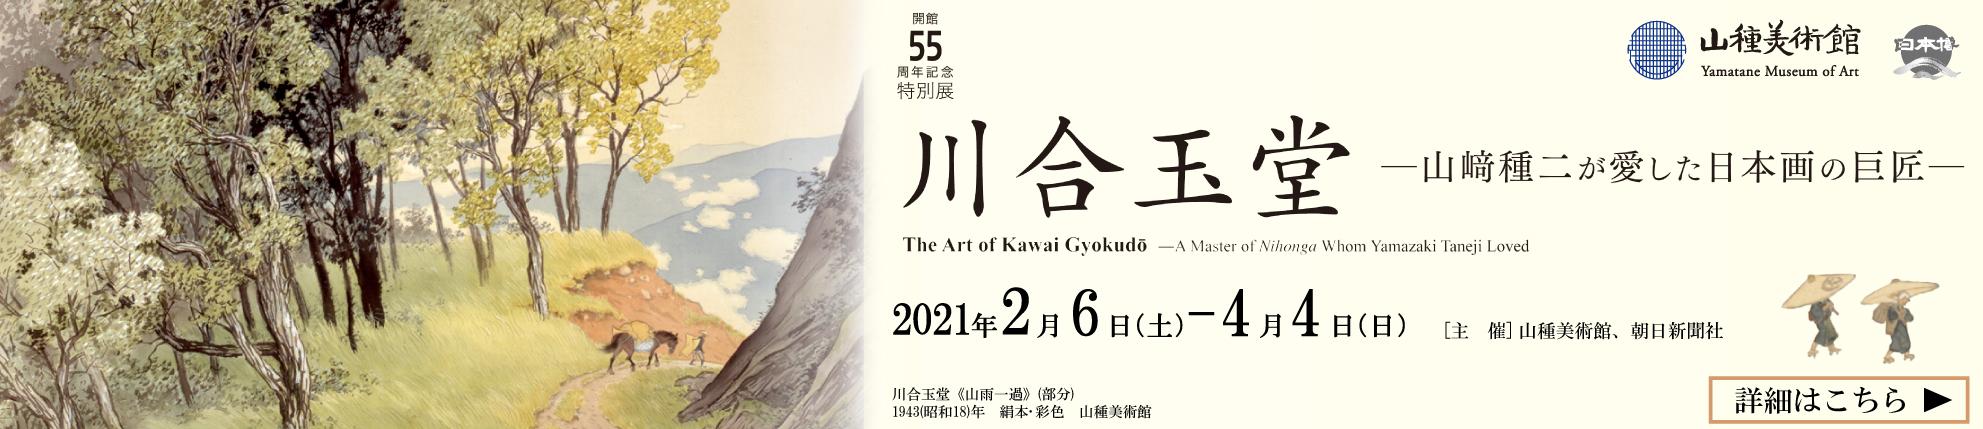 【開館55周年記念特別展】川合玉堂 ―山﨑種二が愛した日本画の巨匠―